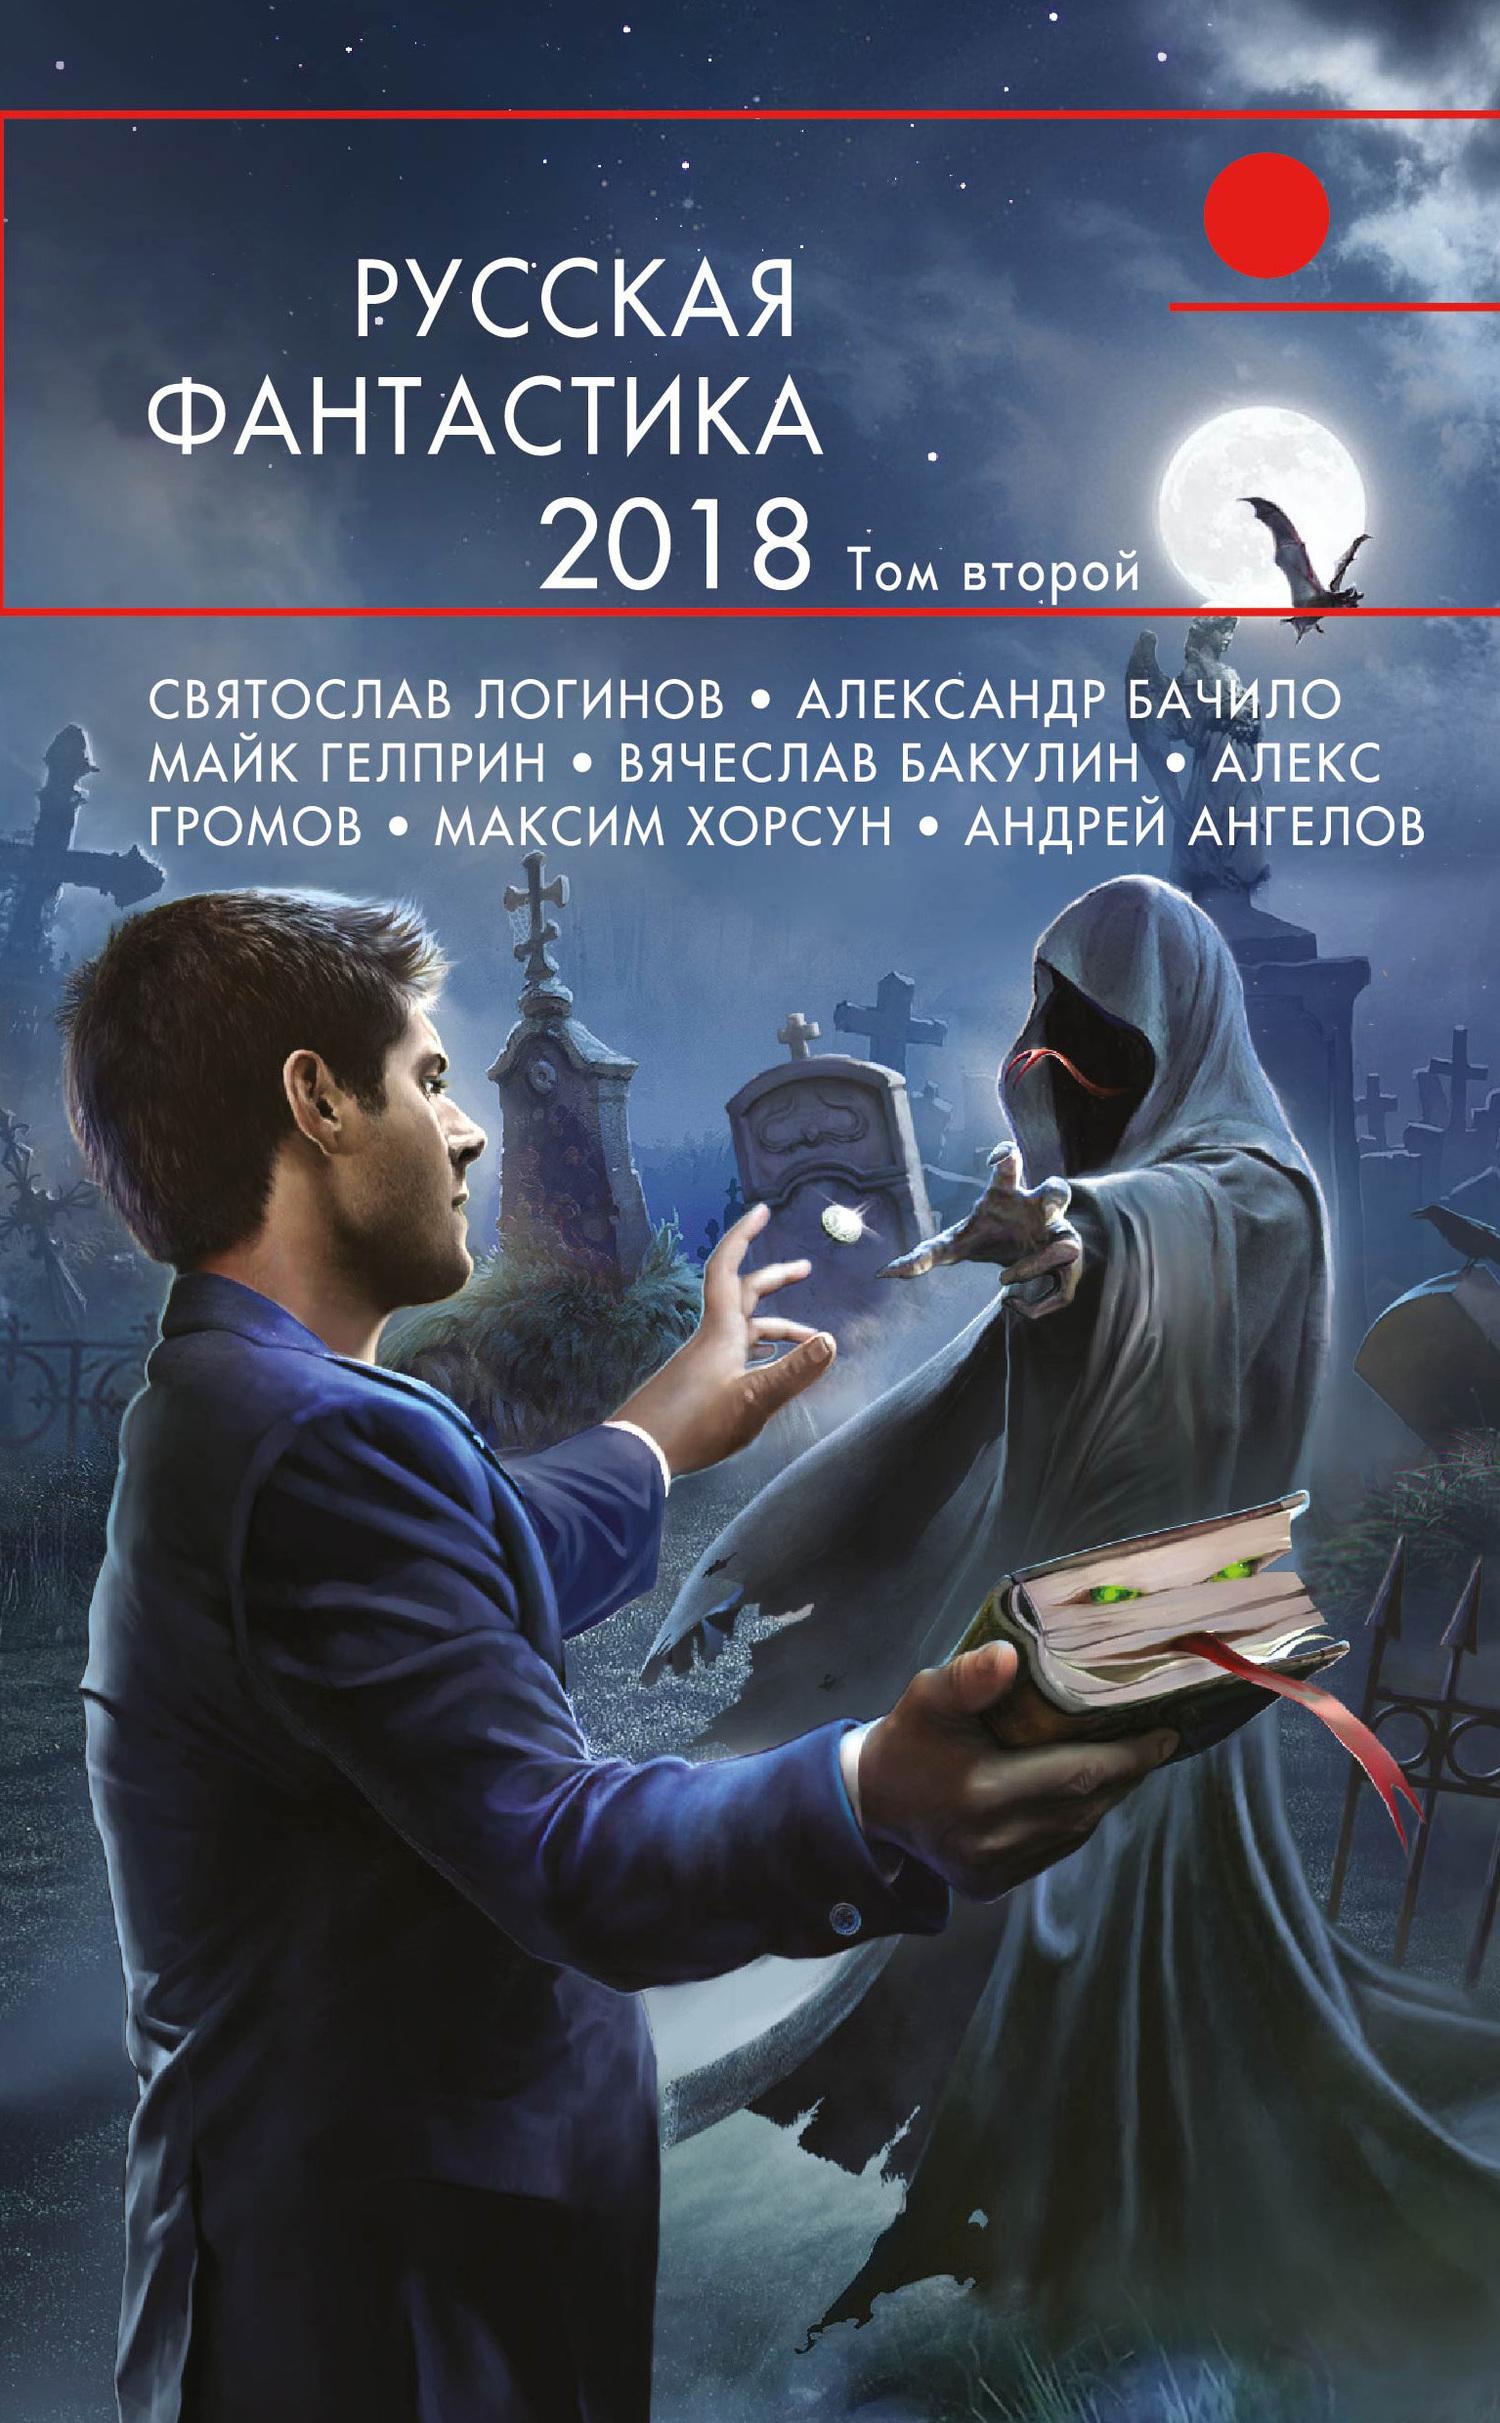 Александр Бачило Русская фантастика – 2018. Том 2 (сборник)